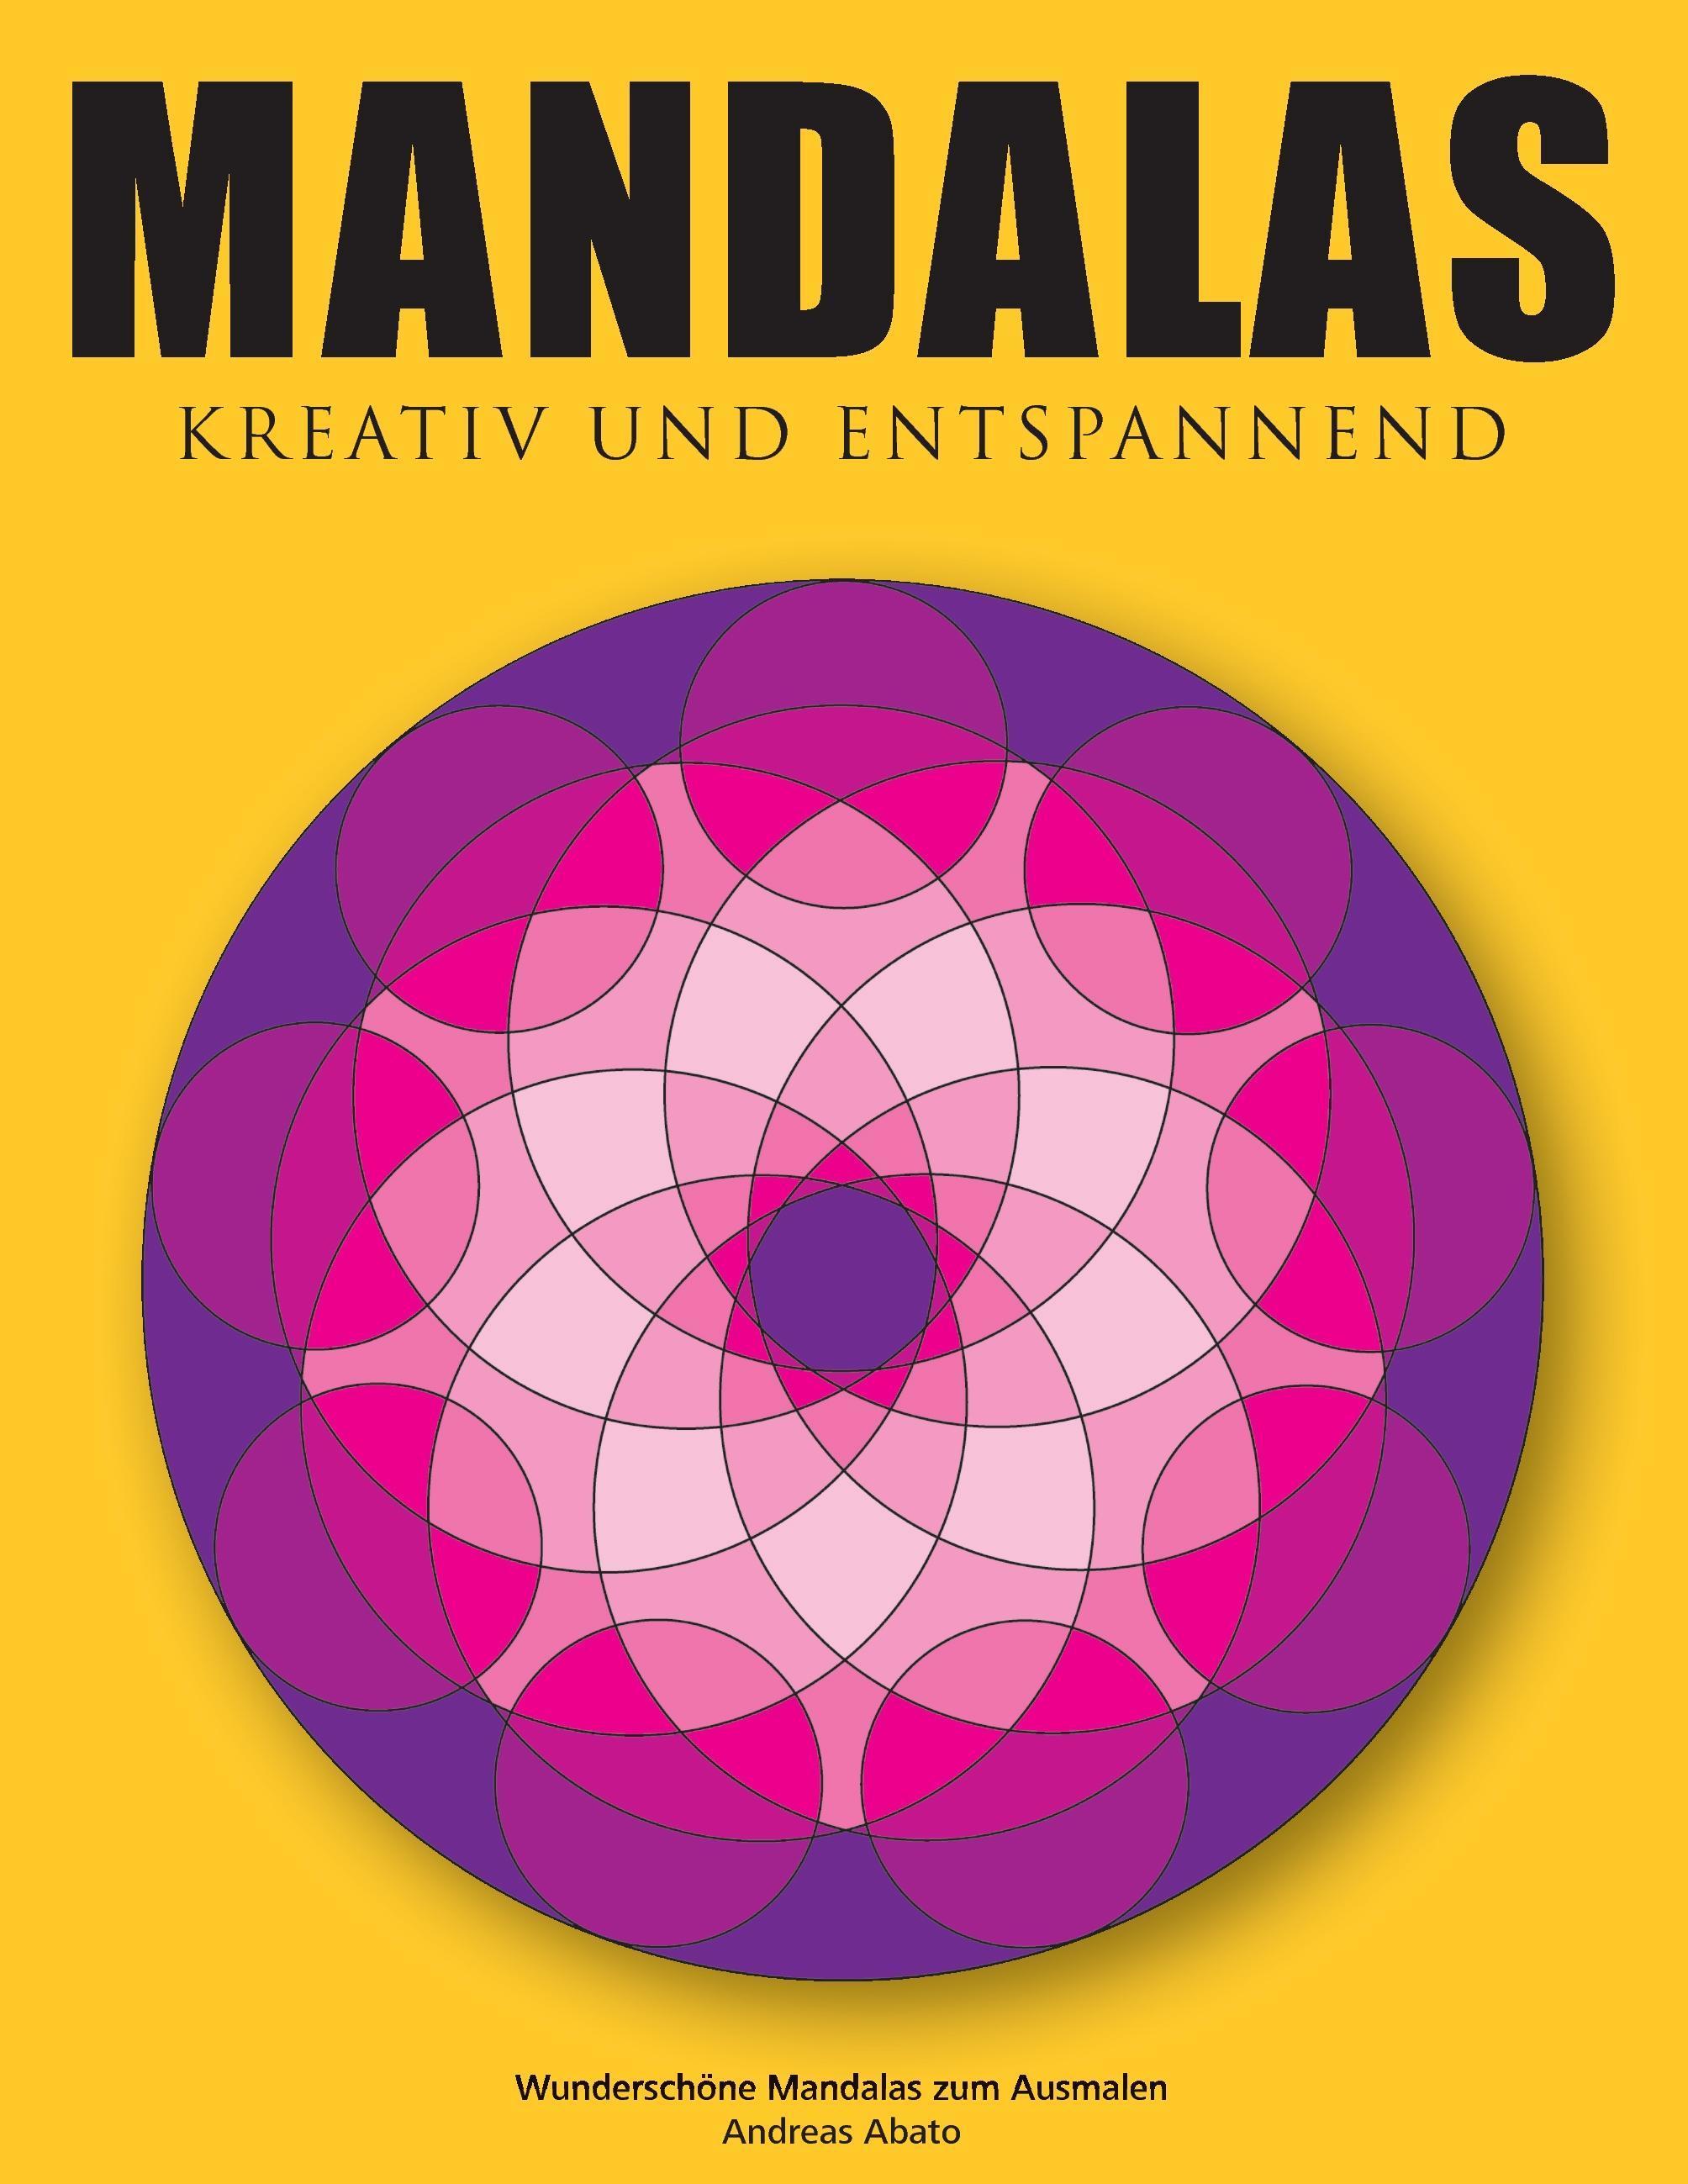 Mandalas - Kreativ und entspannend